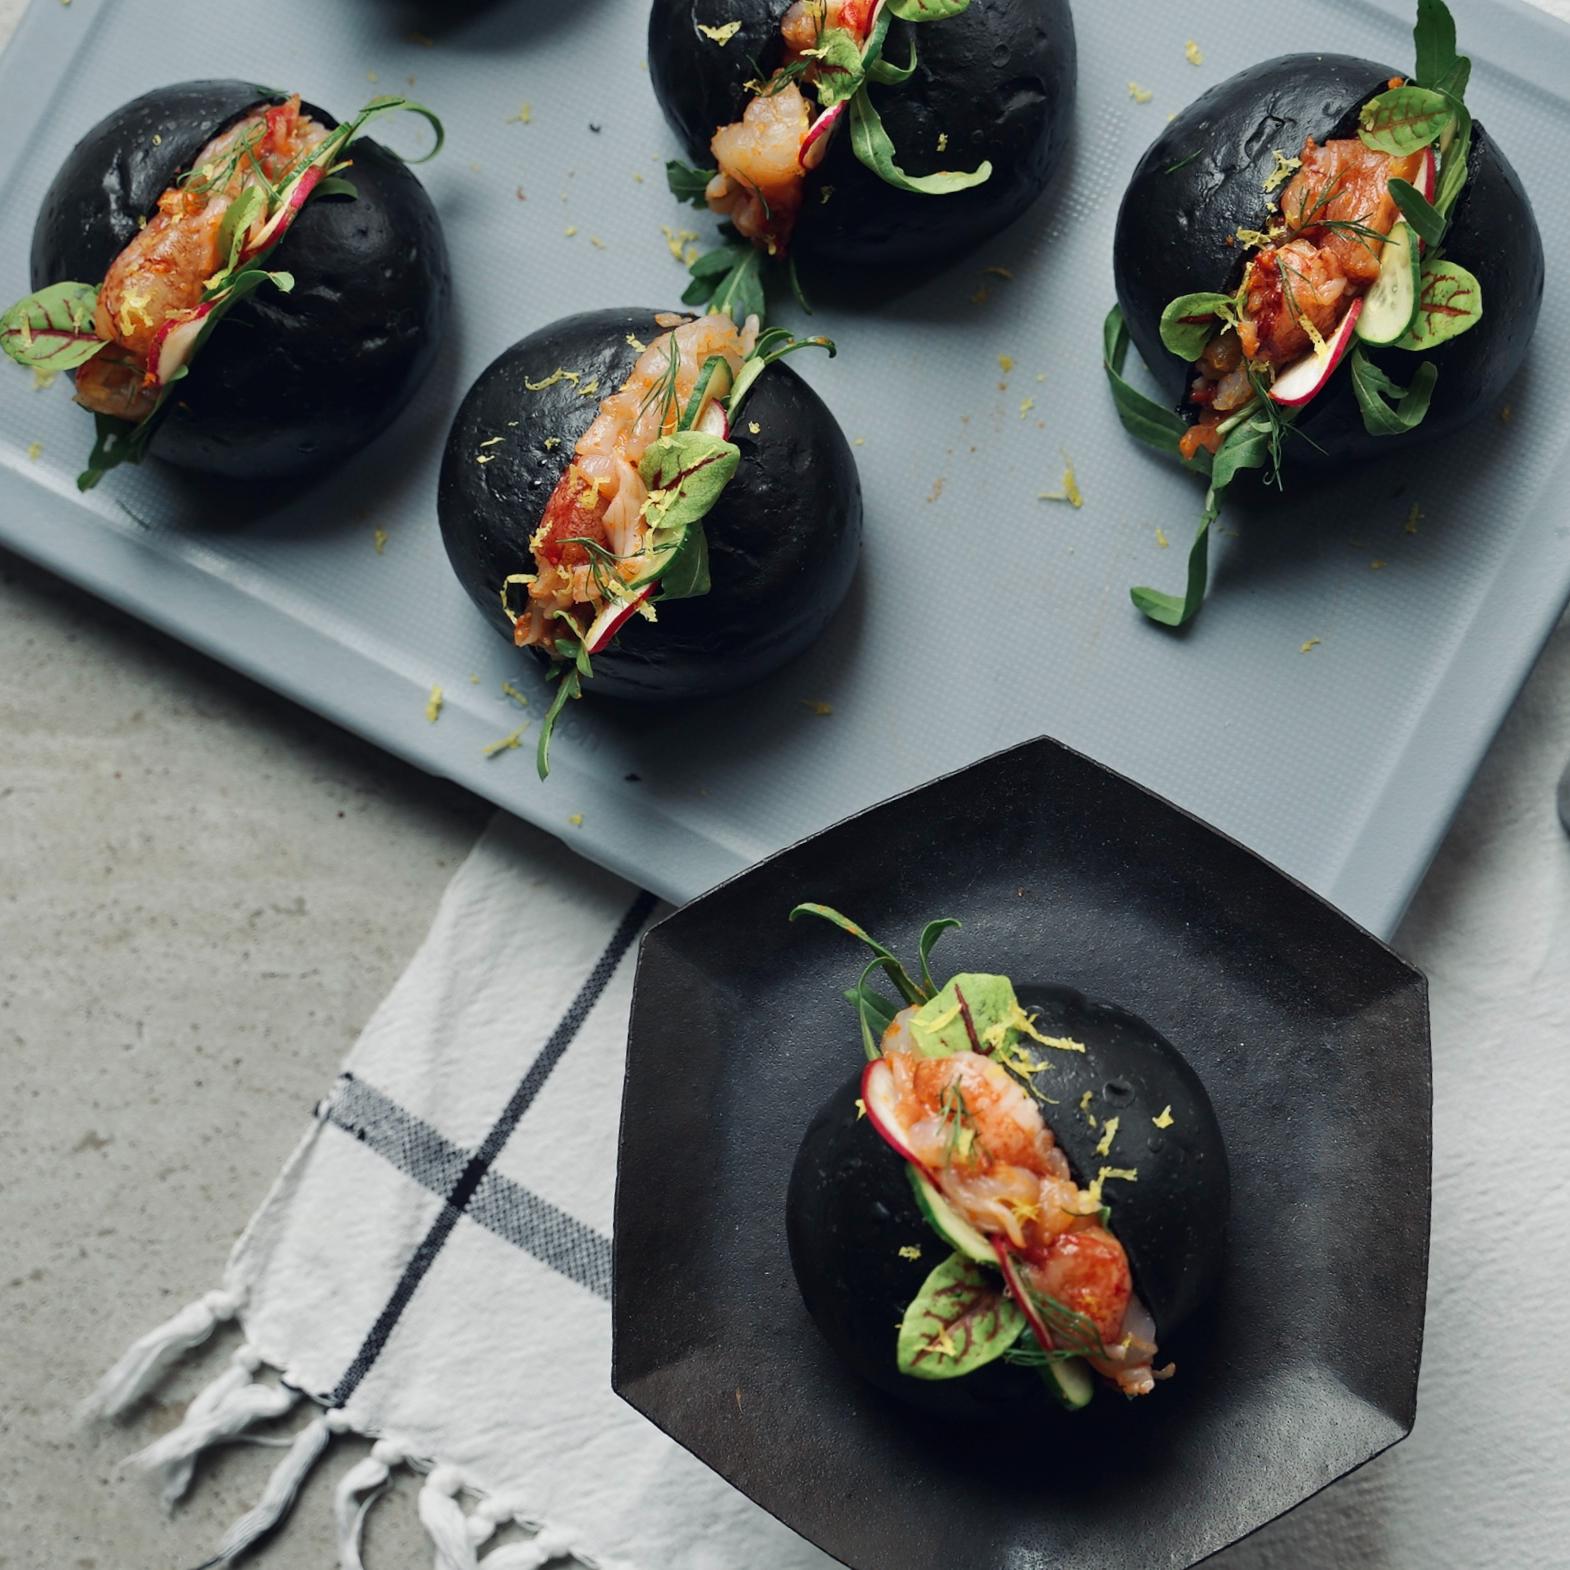 開罐即食》中秋限定「黑月派對龍蝦堡」,挑戰充滿細節的口味設計